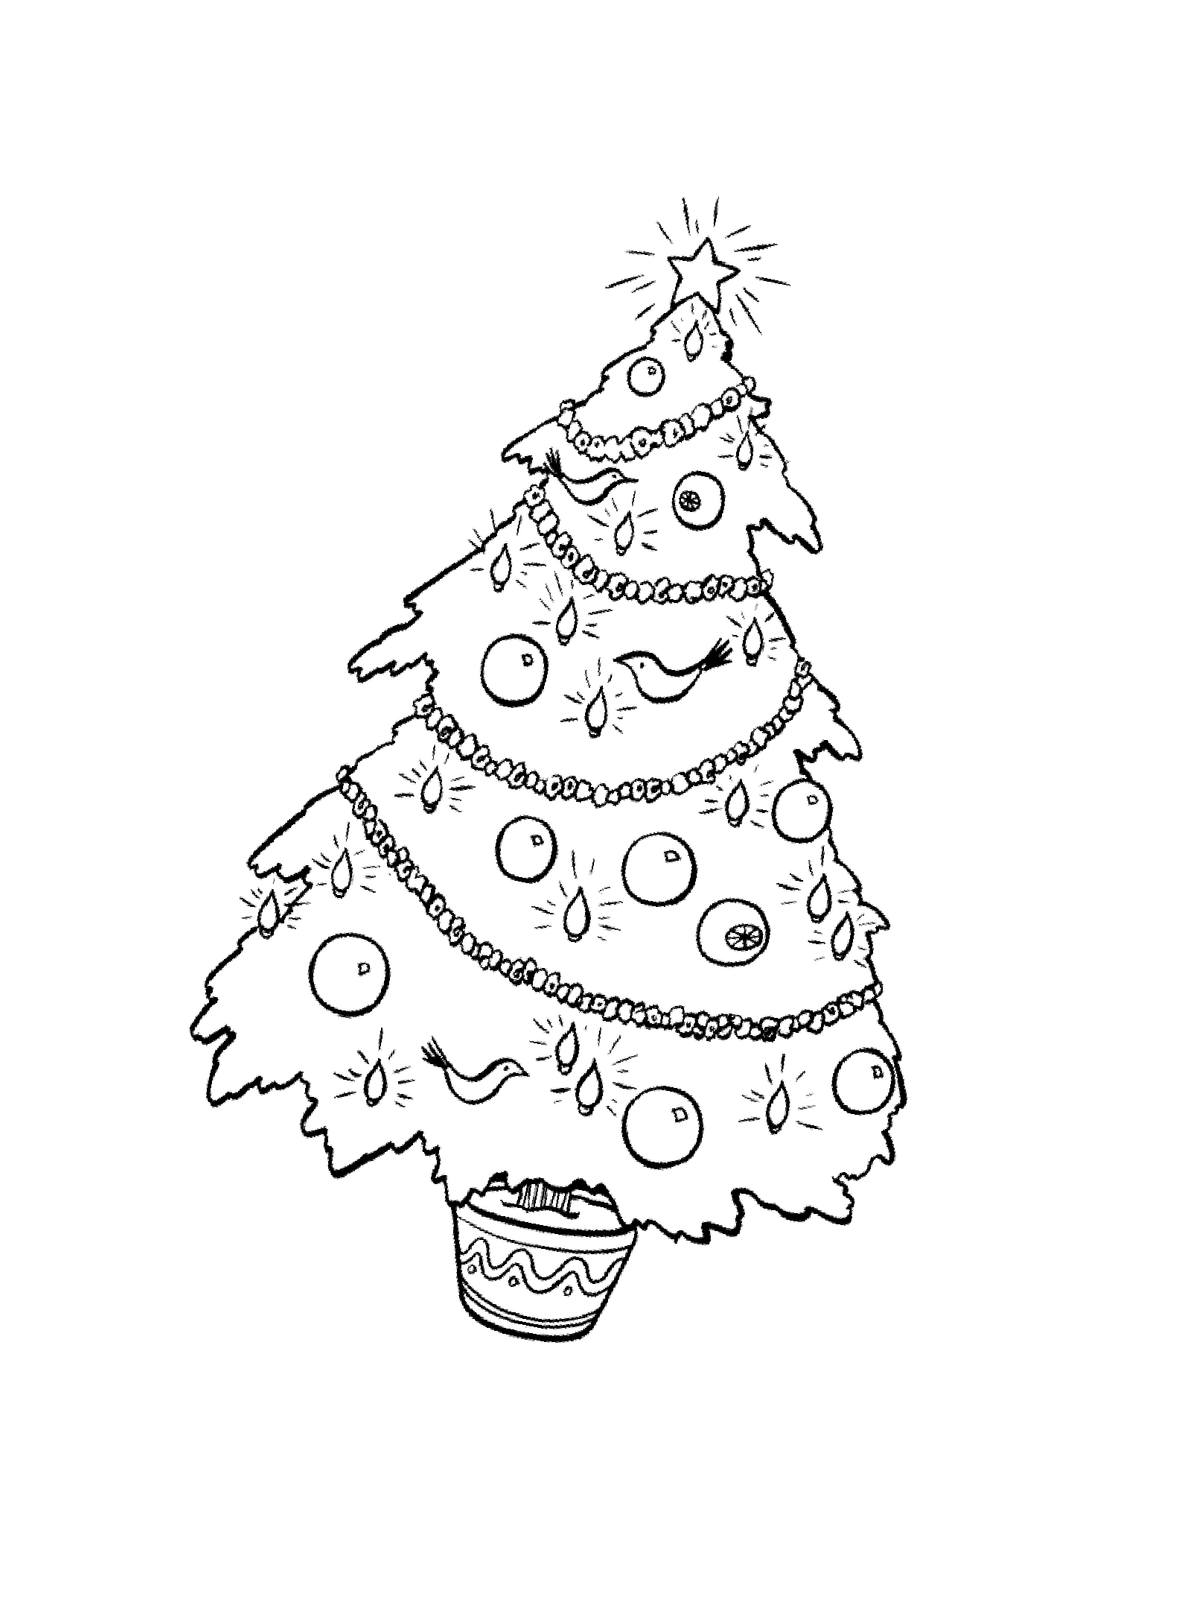 ausmalbilder malvorlagen von weihnachten kostenlos zum